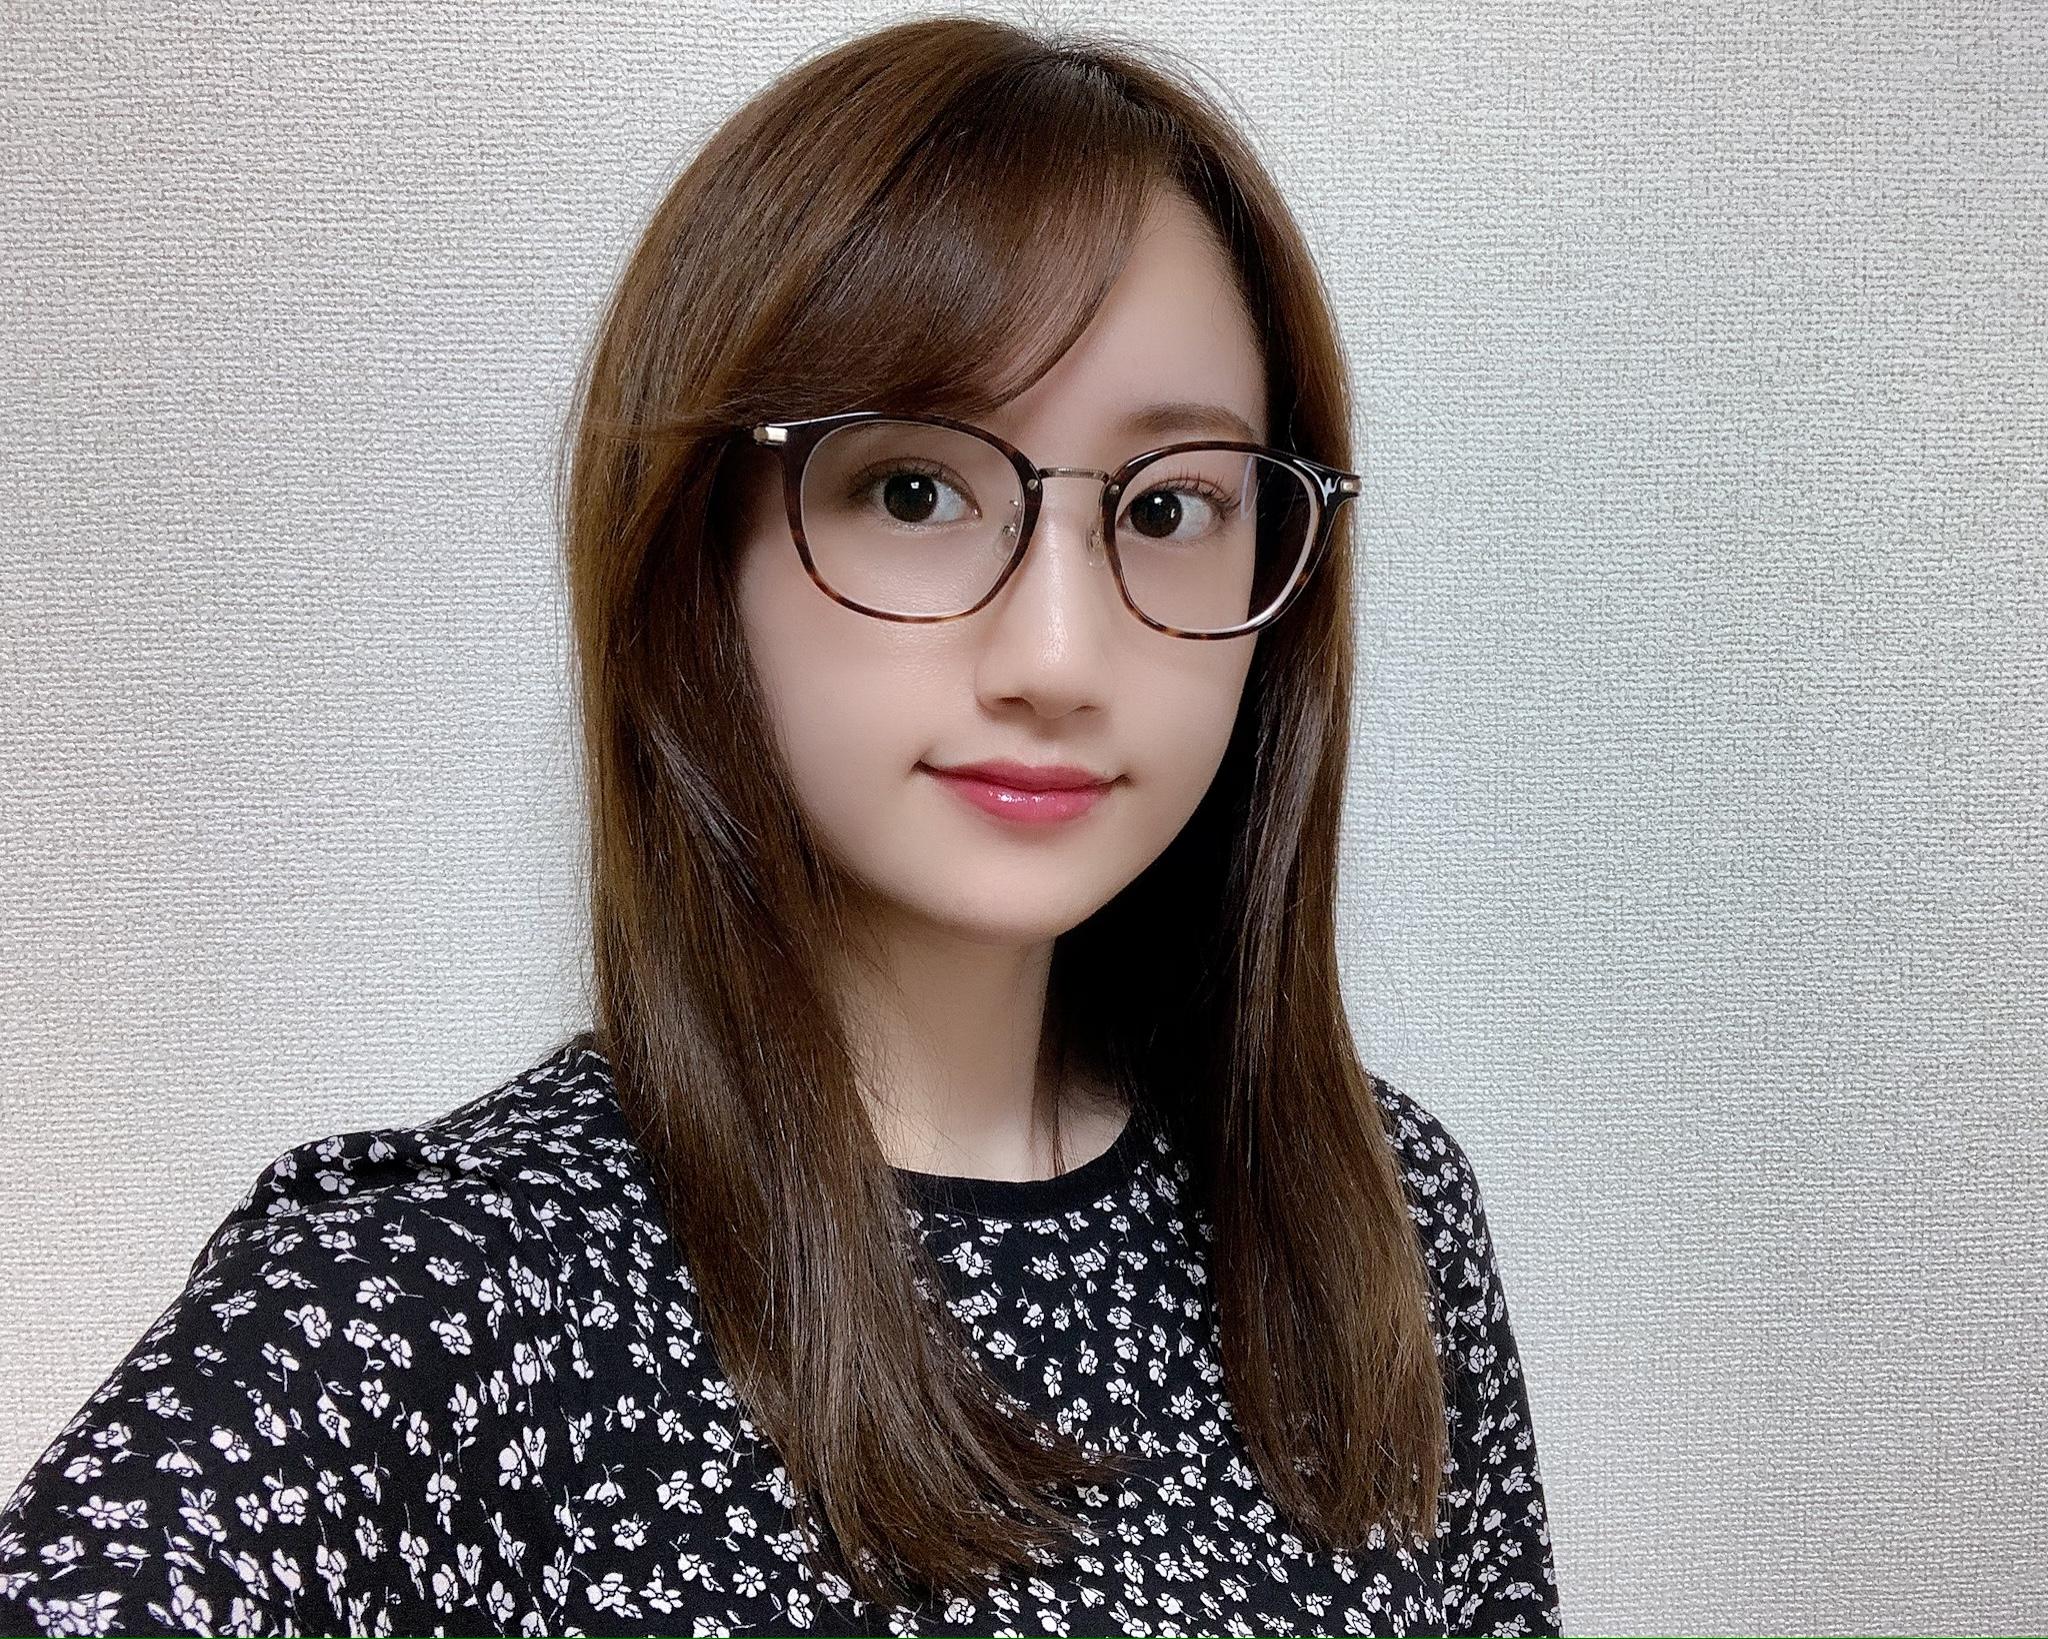 【メガネ主体のメイクが可愛い】JINS×イガリシノブのメーキャップメガネ_4